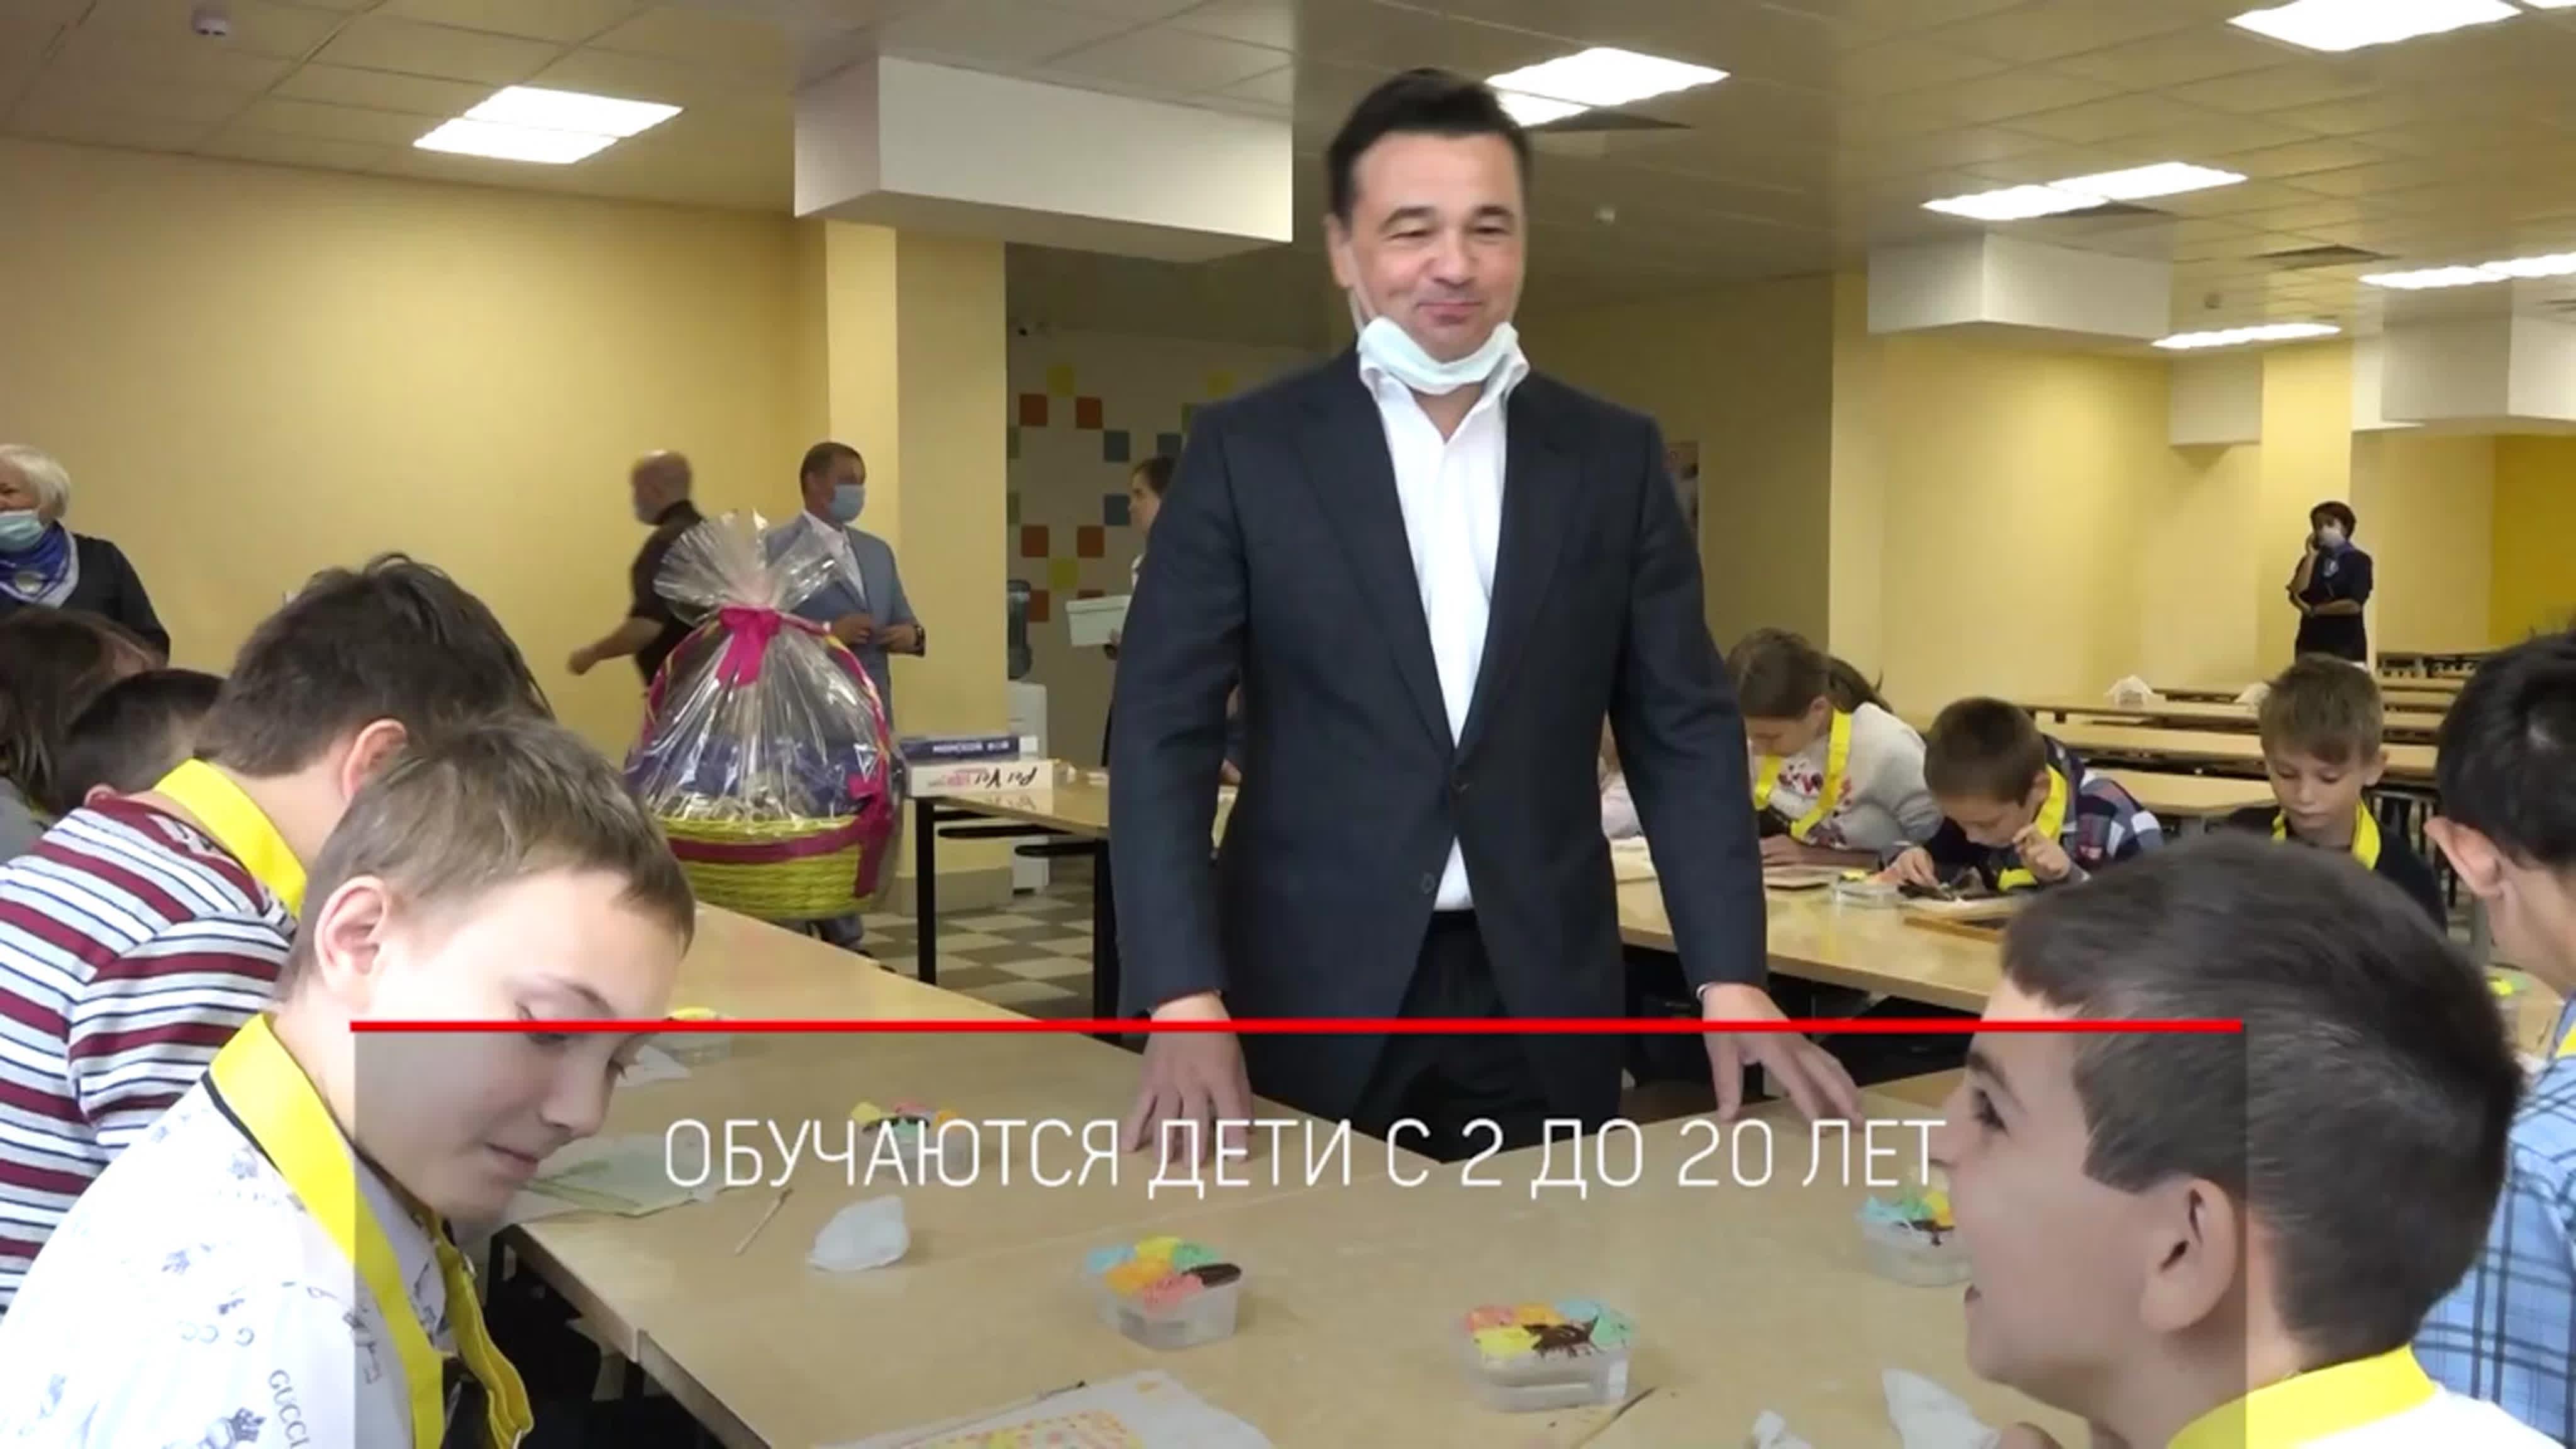 Сегодня с Анной Кузнецовой и Леонидом Михайловичем Рошалем навестили воспитанников центра «Созвездие»